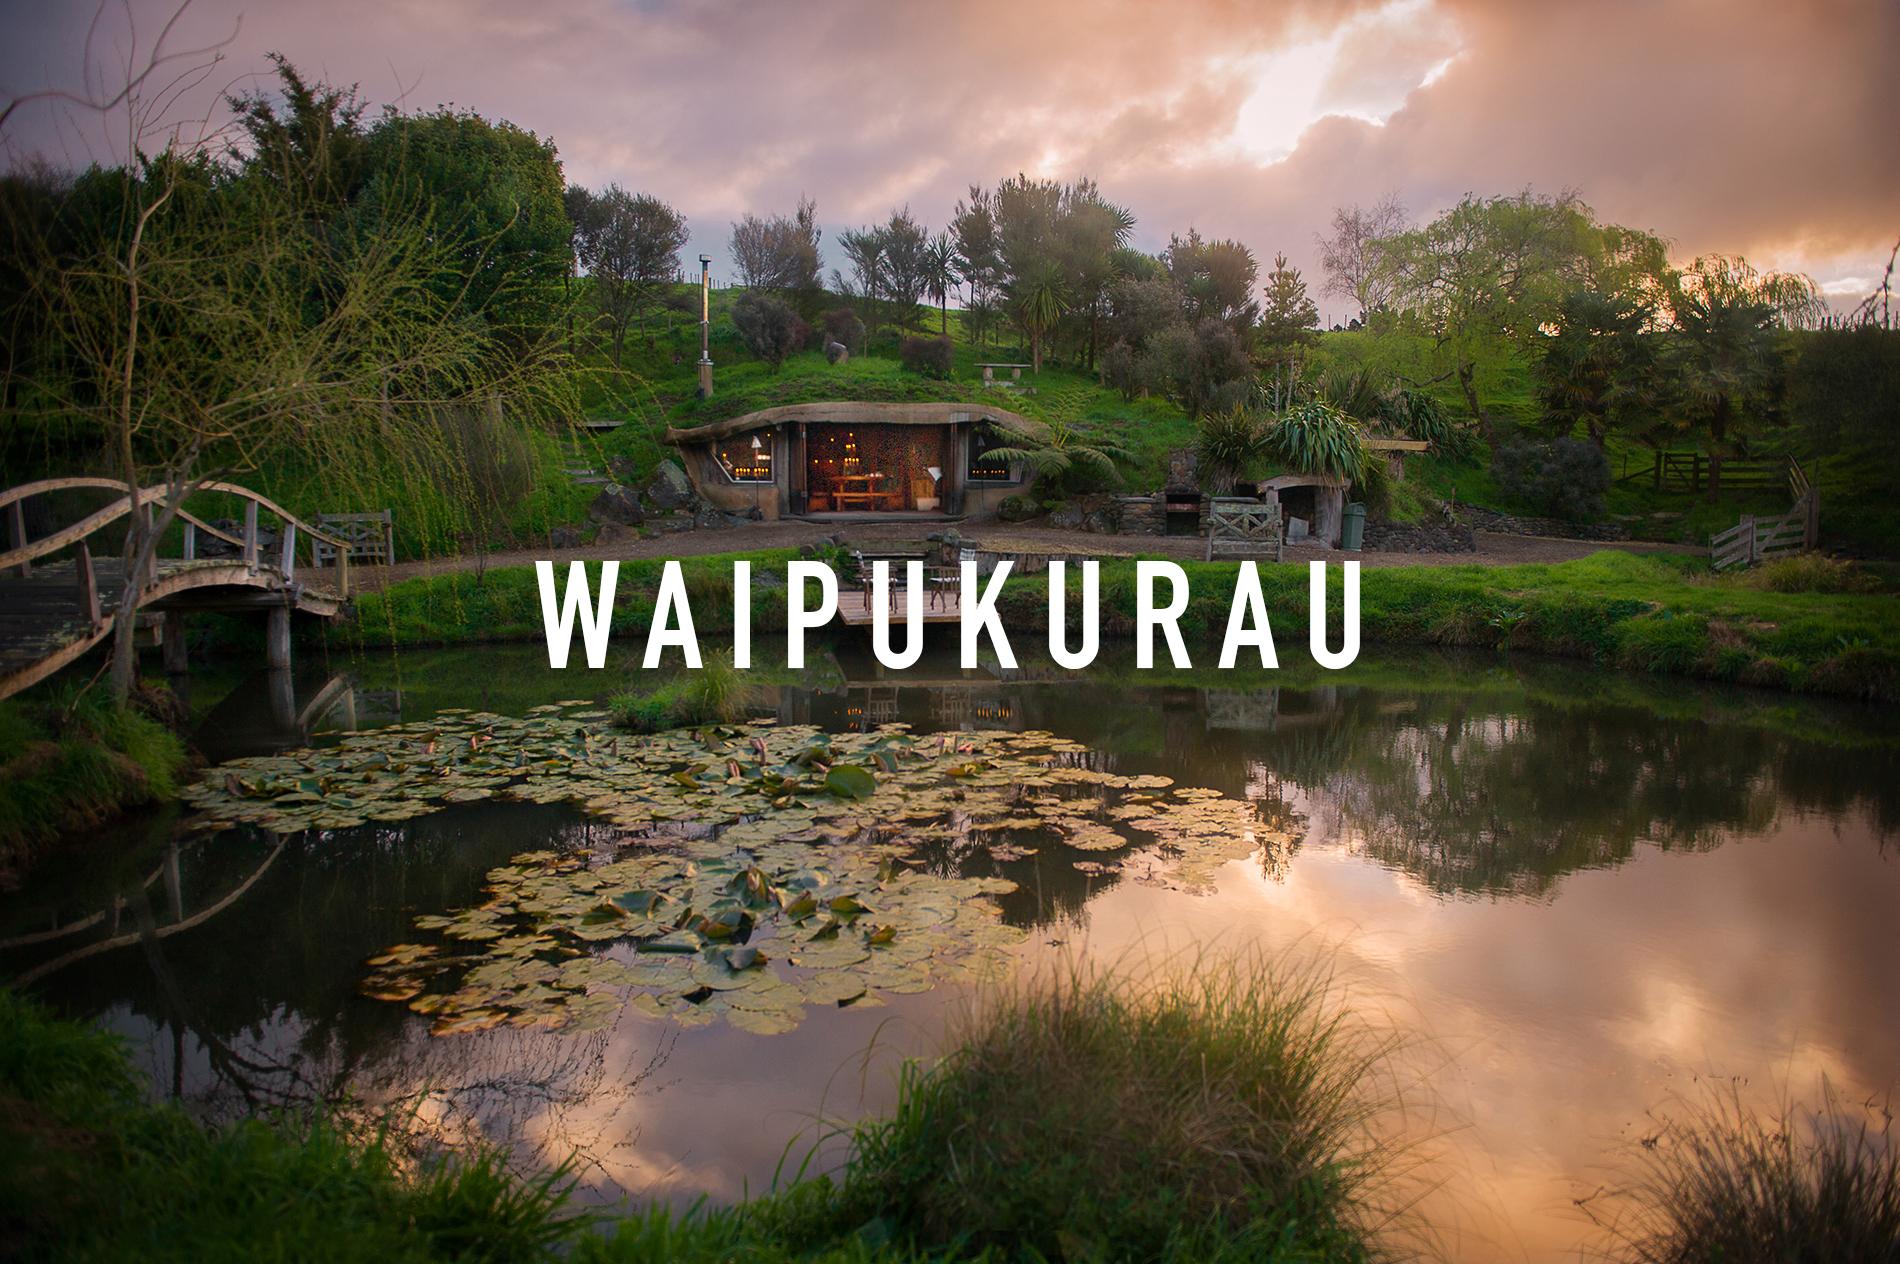 Waipukurau